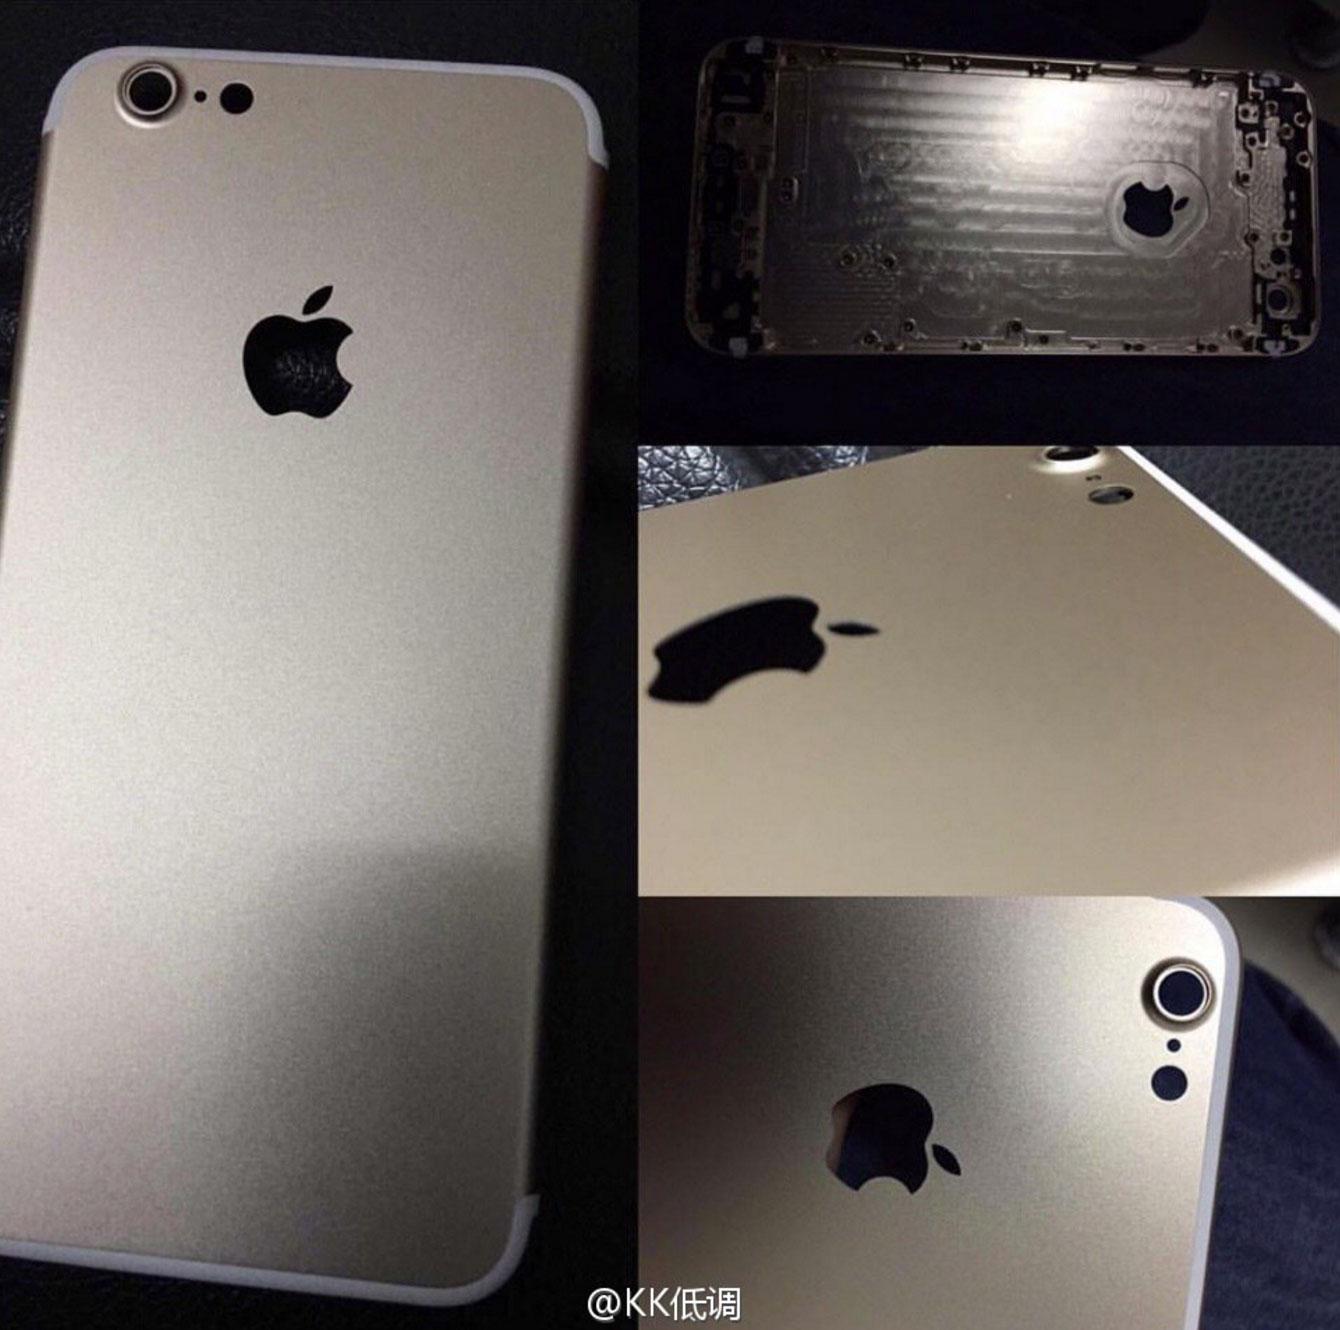 Maqueta del iPhone 7